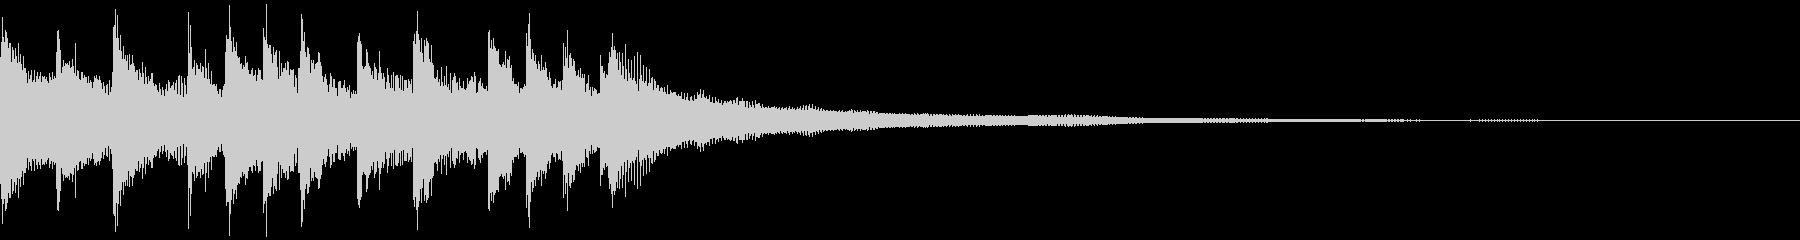 キャッチーEDM・ADMジングル2の未再生の波形